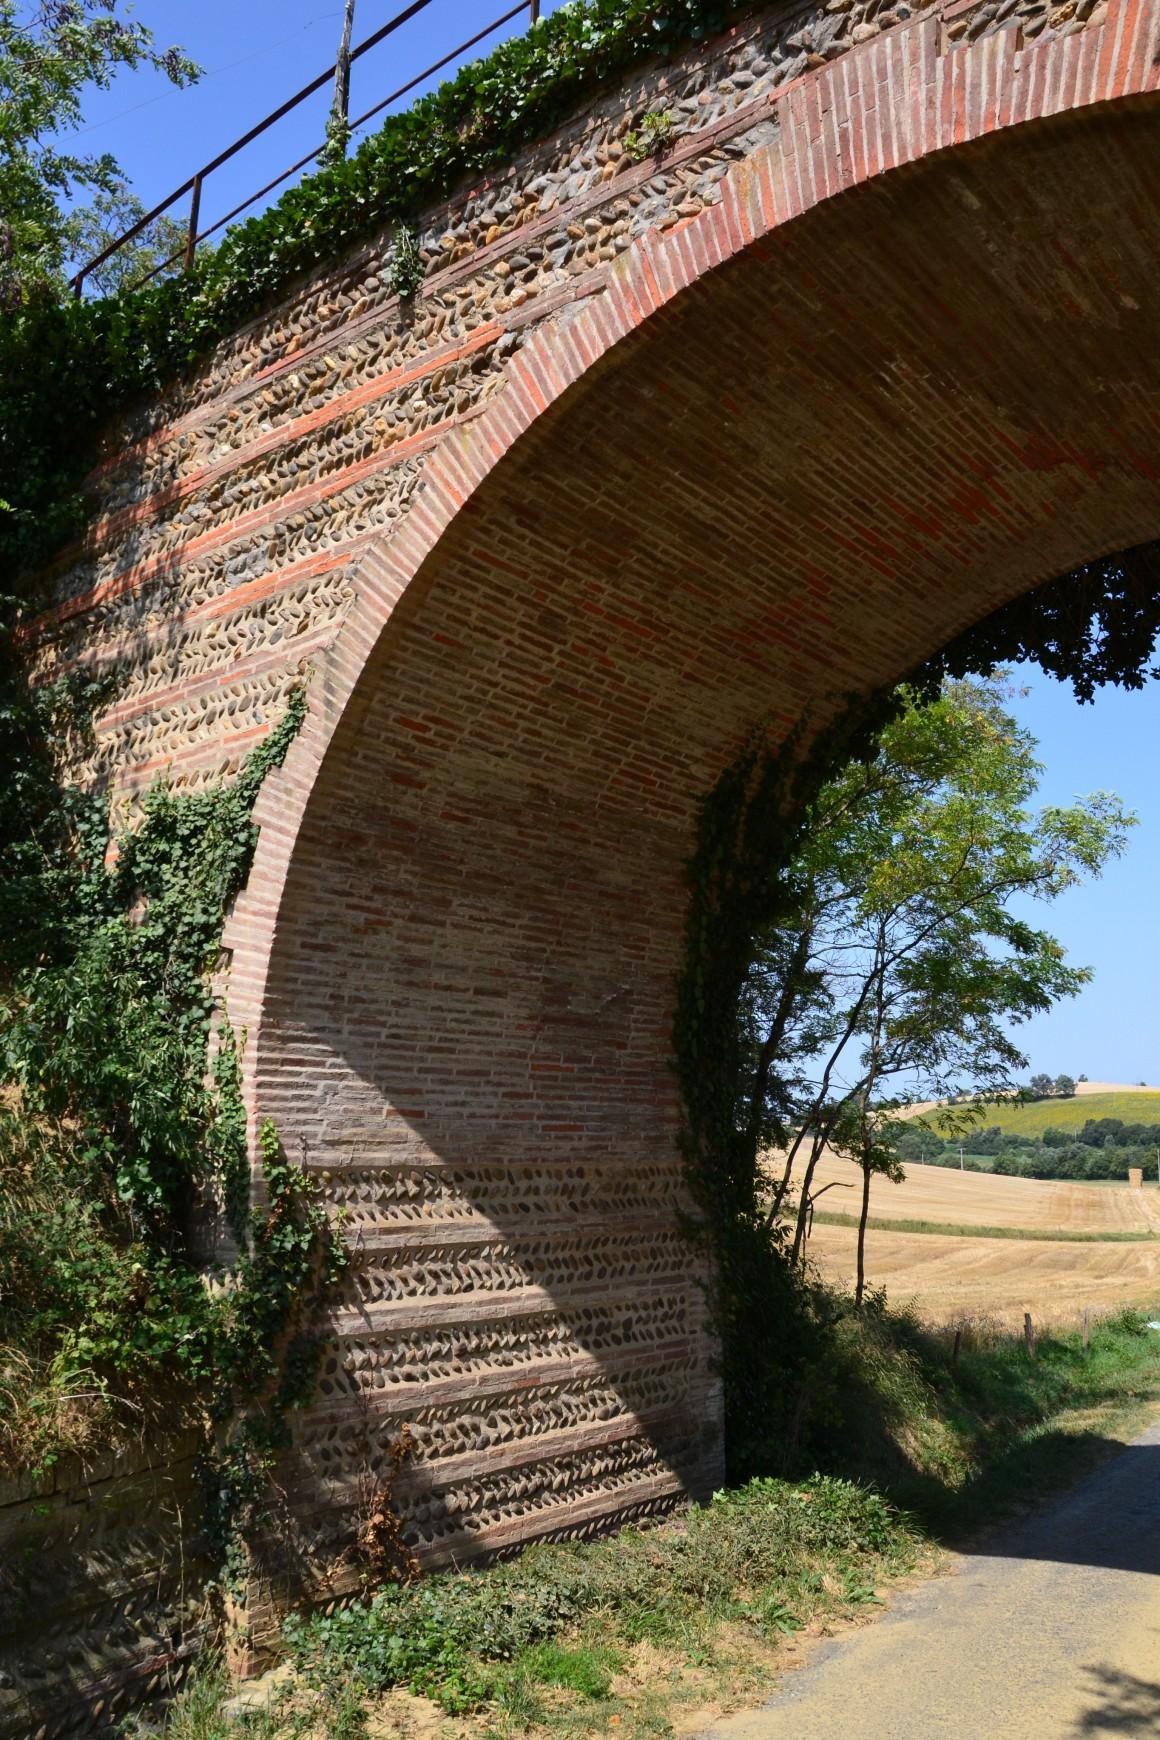 Saint-Loube-Amades 5 - l'ancien viaduc